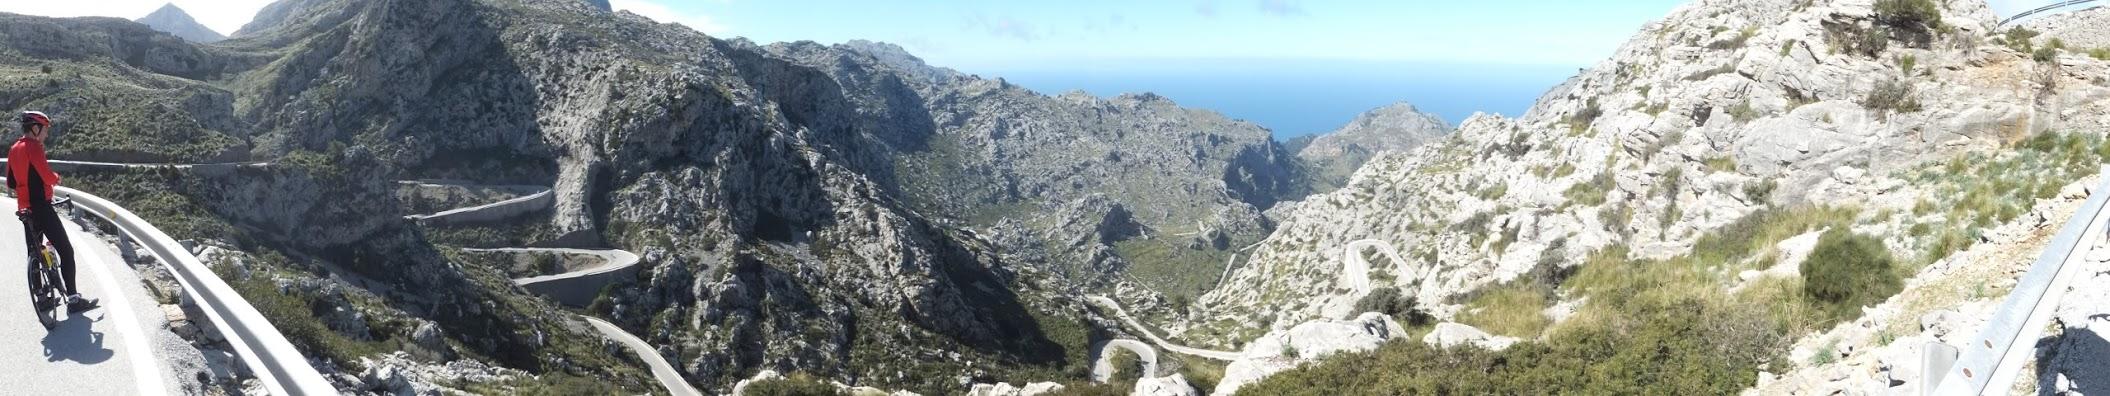 Torrent de Pareis Mallorca - sieht ja schon geil aus ... aber mit dem Auto hoch wäre der Ausblick von oben doch genauso schön *lol*